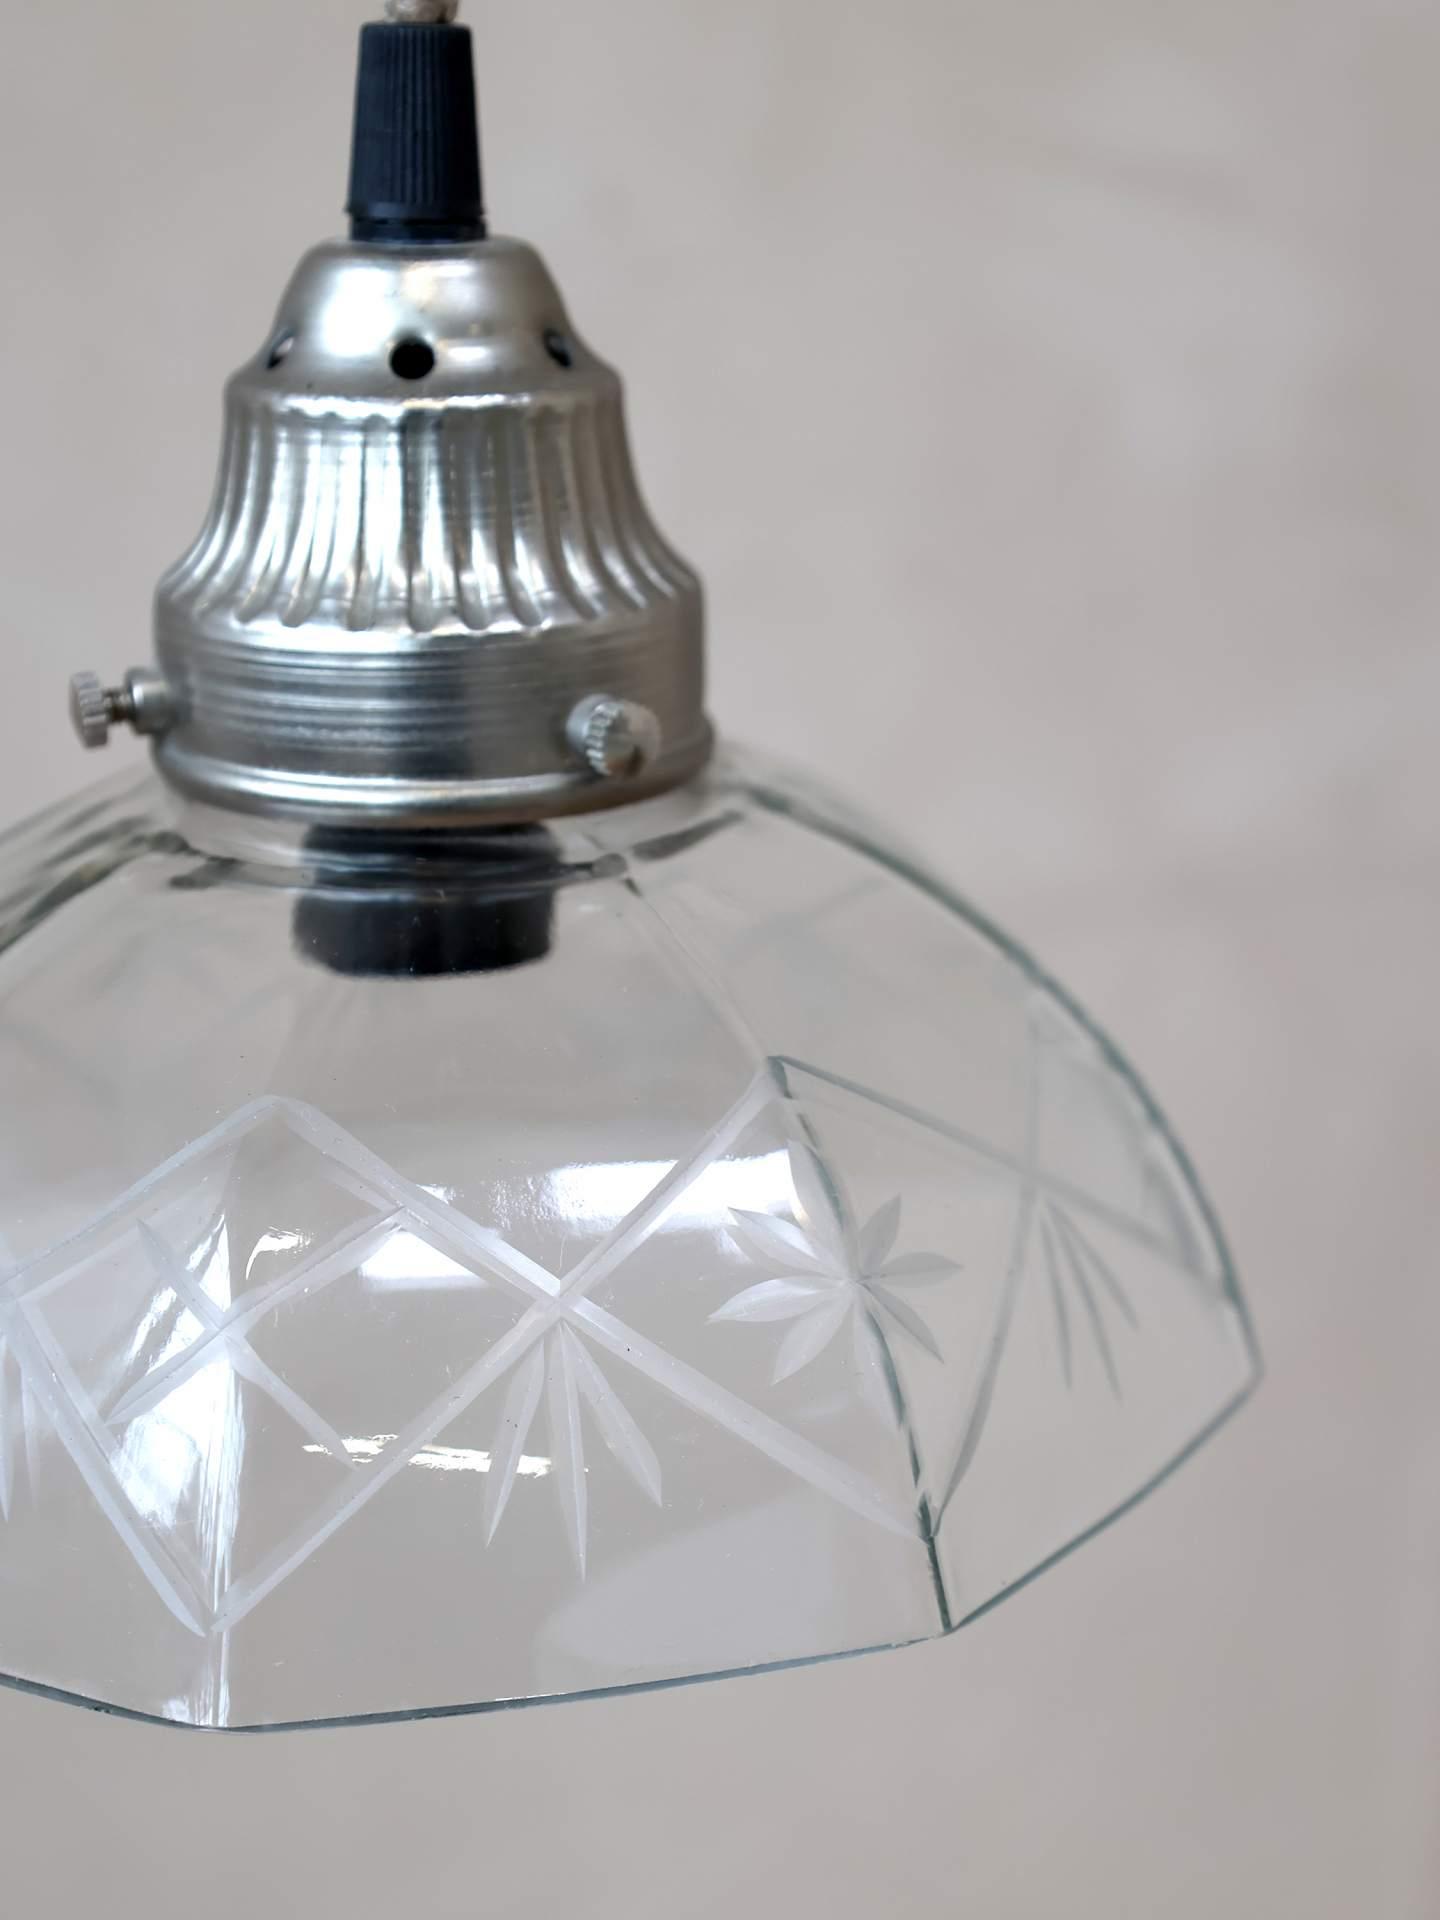 Chic Antique Závěsná skleněná lampa 18 cm, bílá barva, sklo